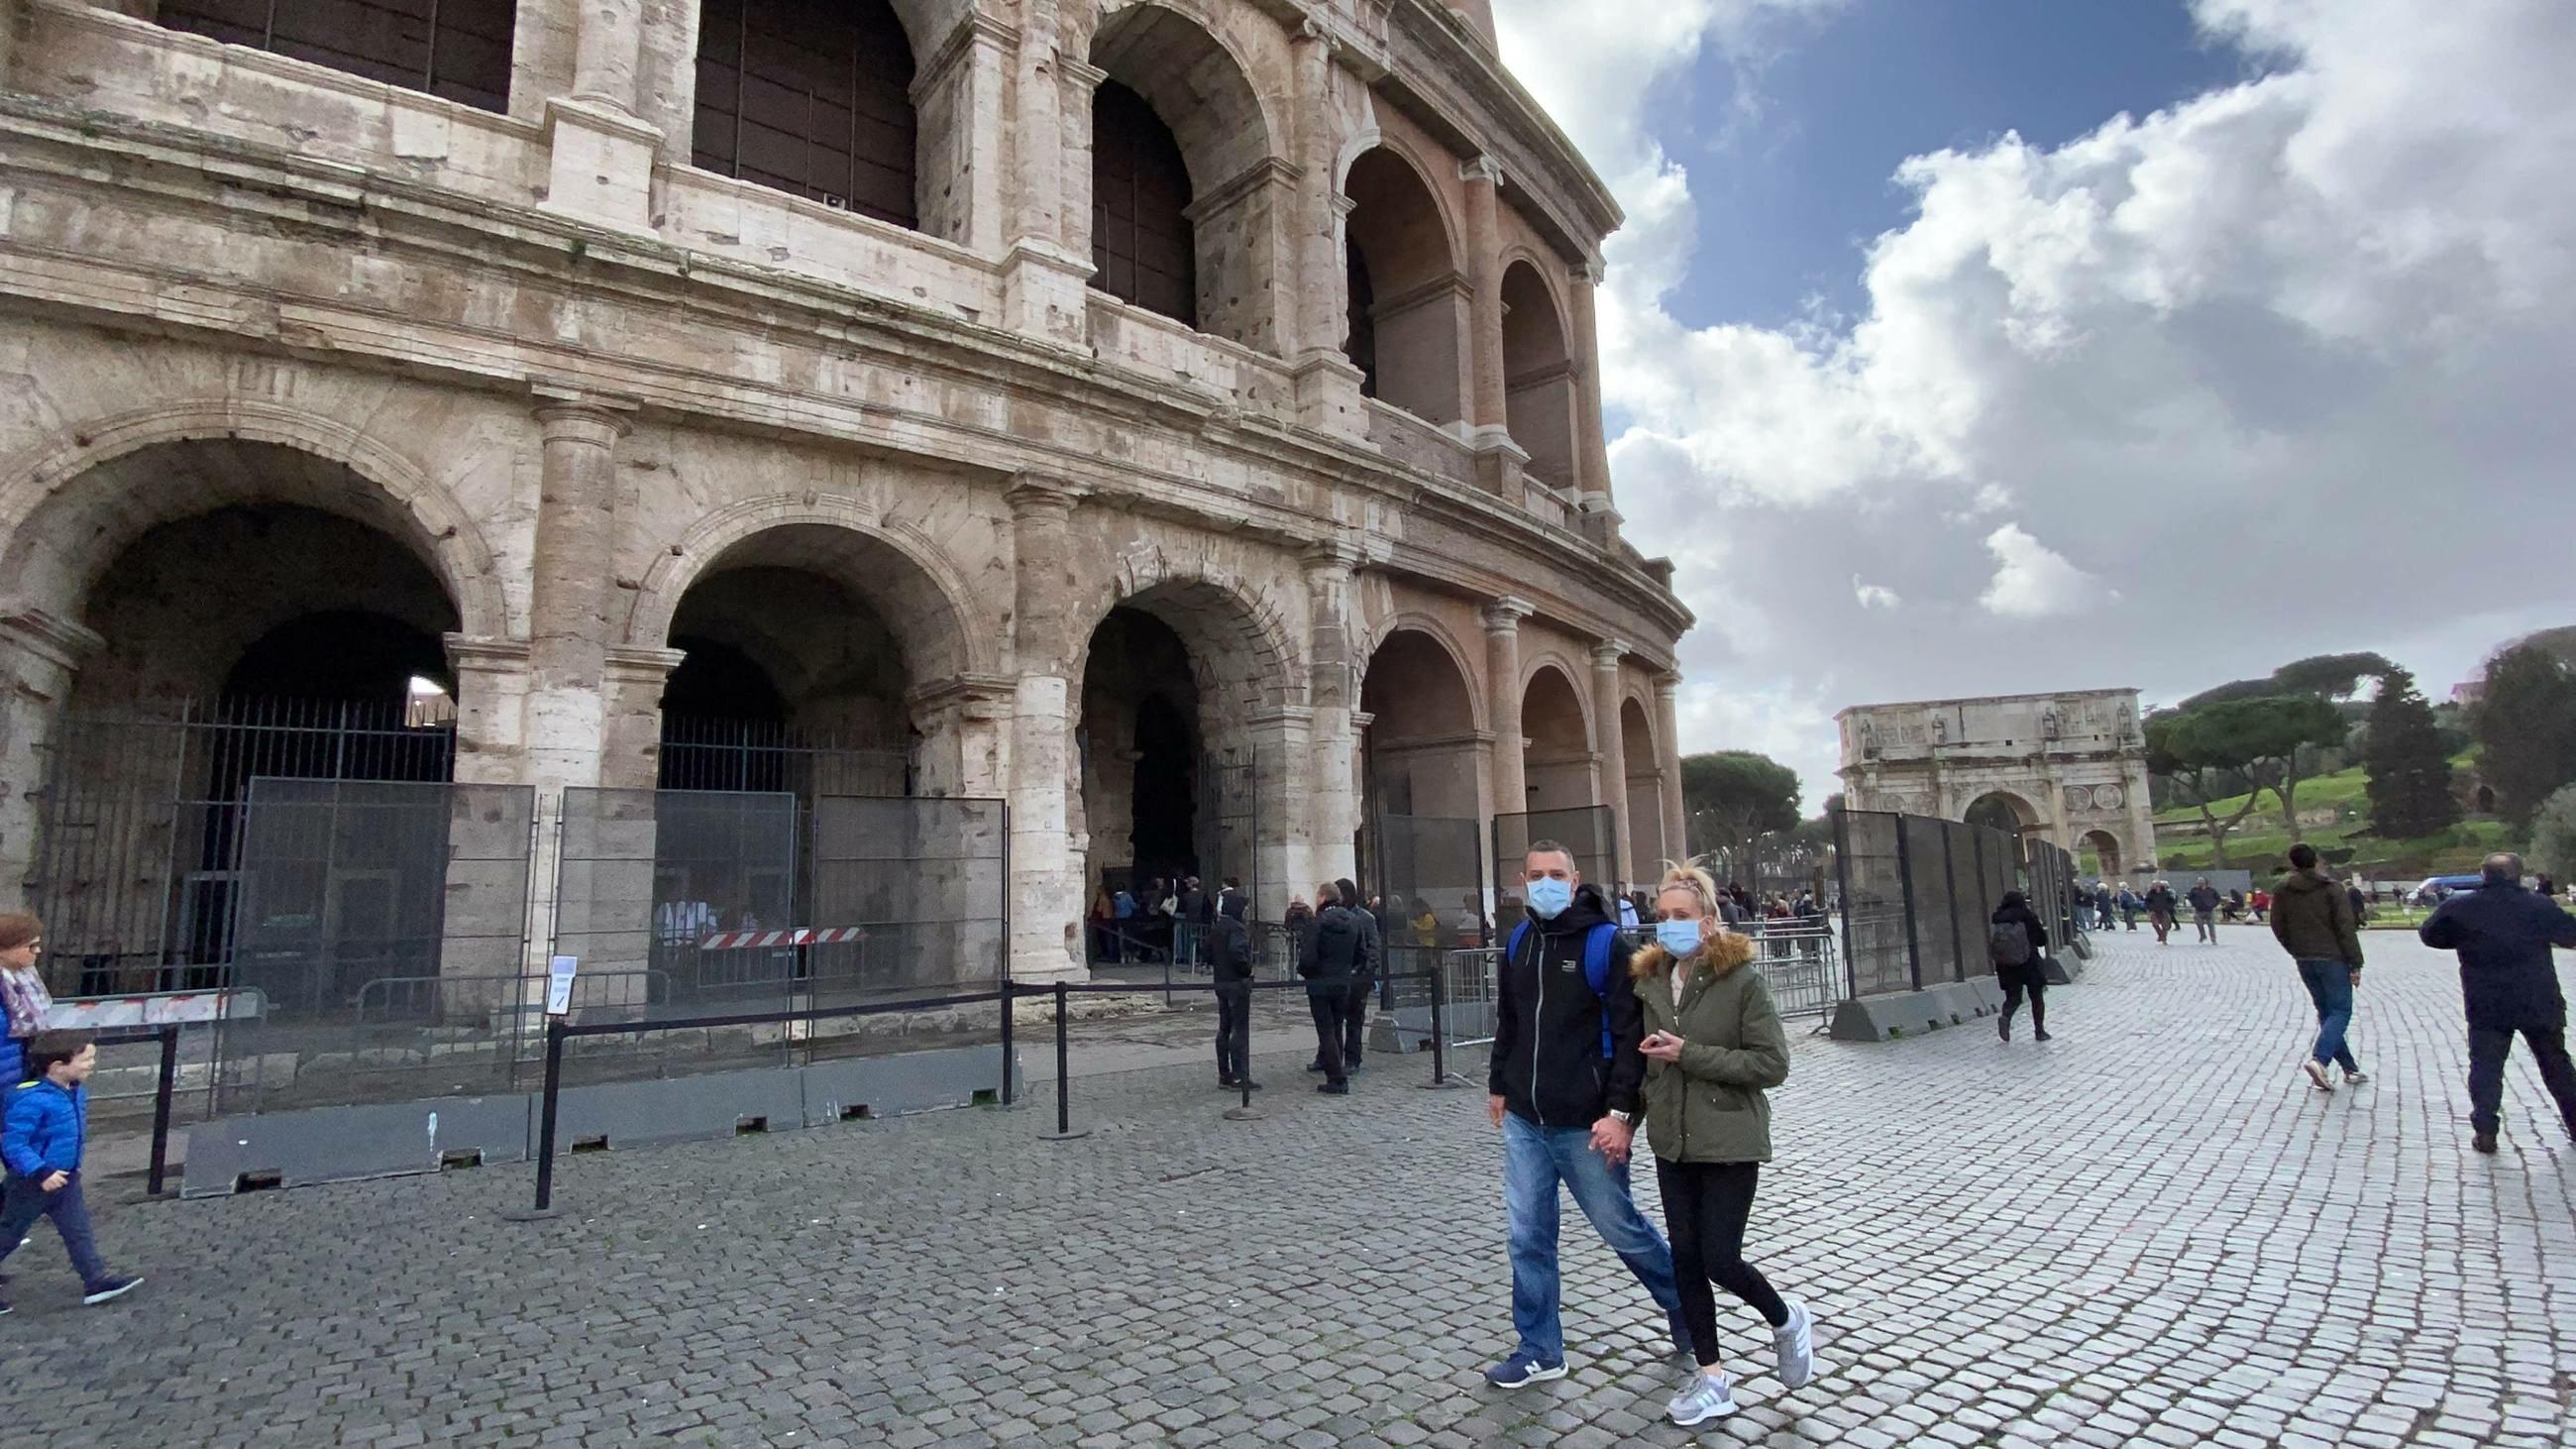 Koronawirus. Turyści w maseczkach w Rzymie